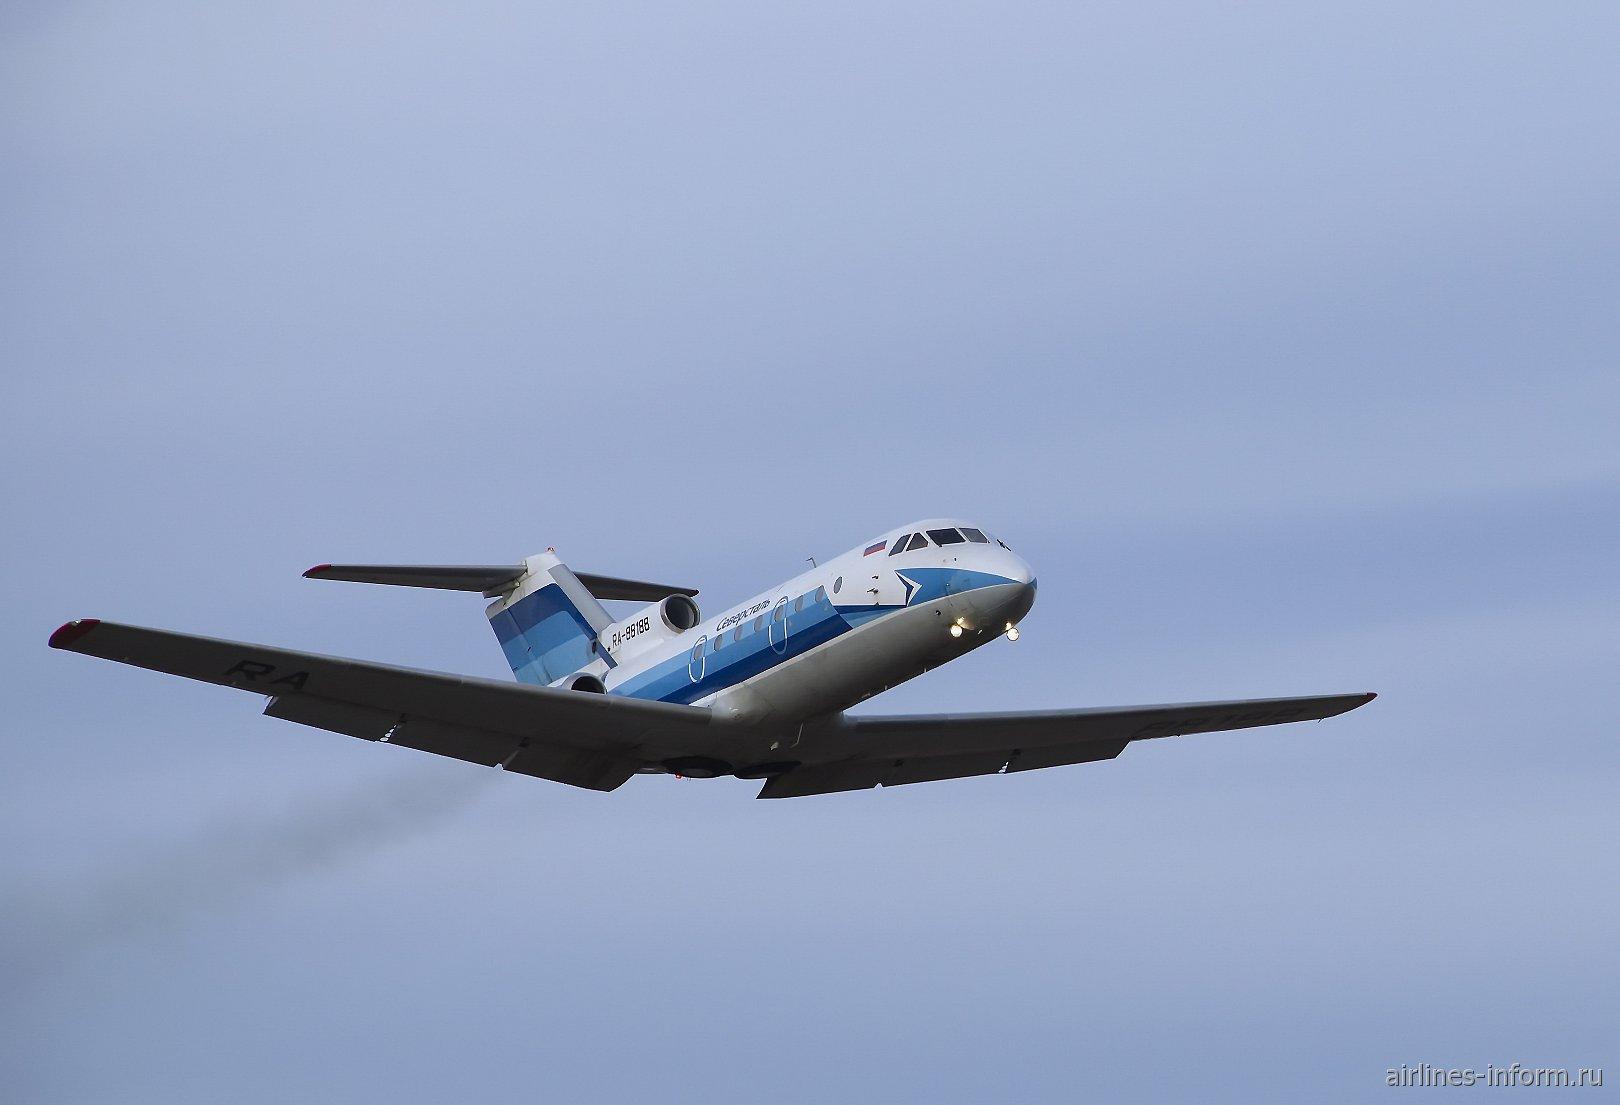 Як-40 RA-88188 взлетает из аэропорта Великий Устюг